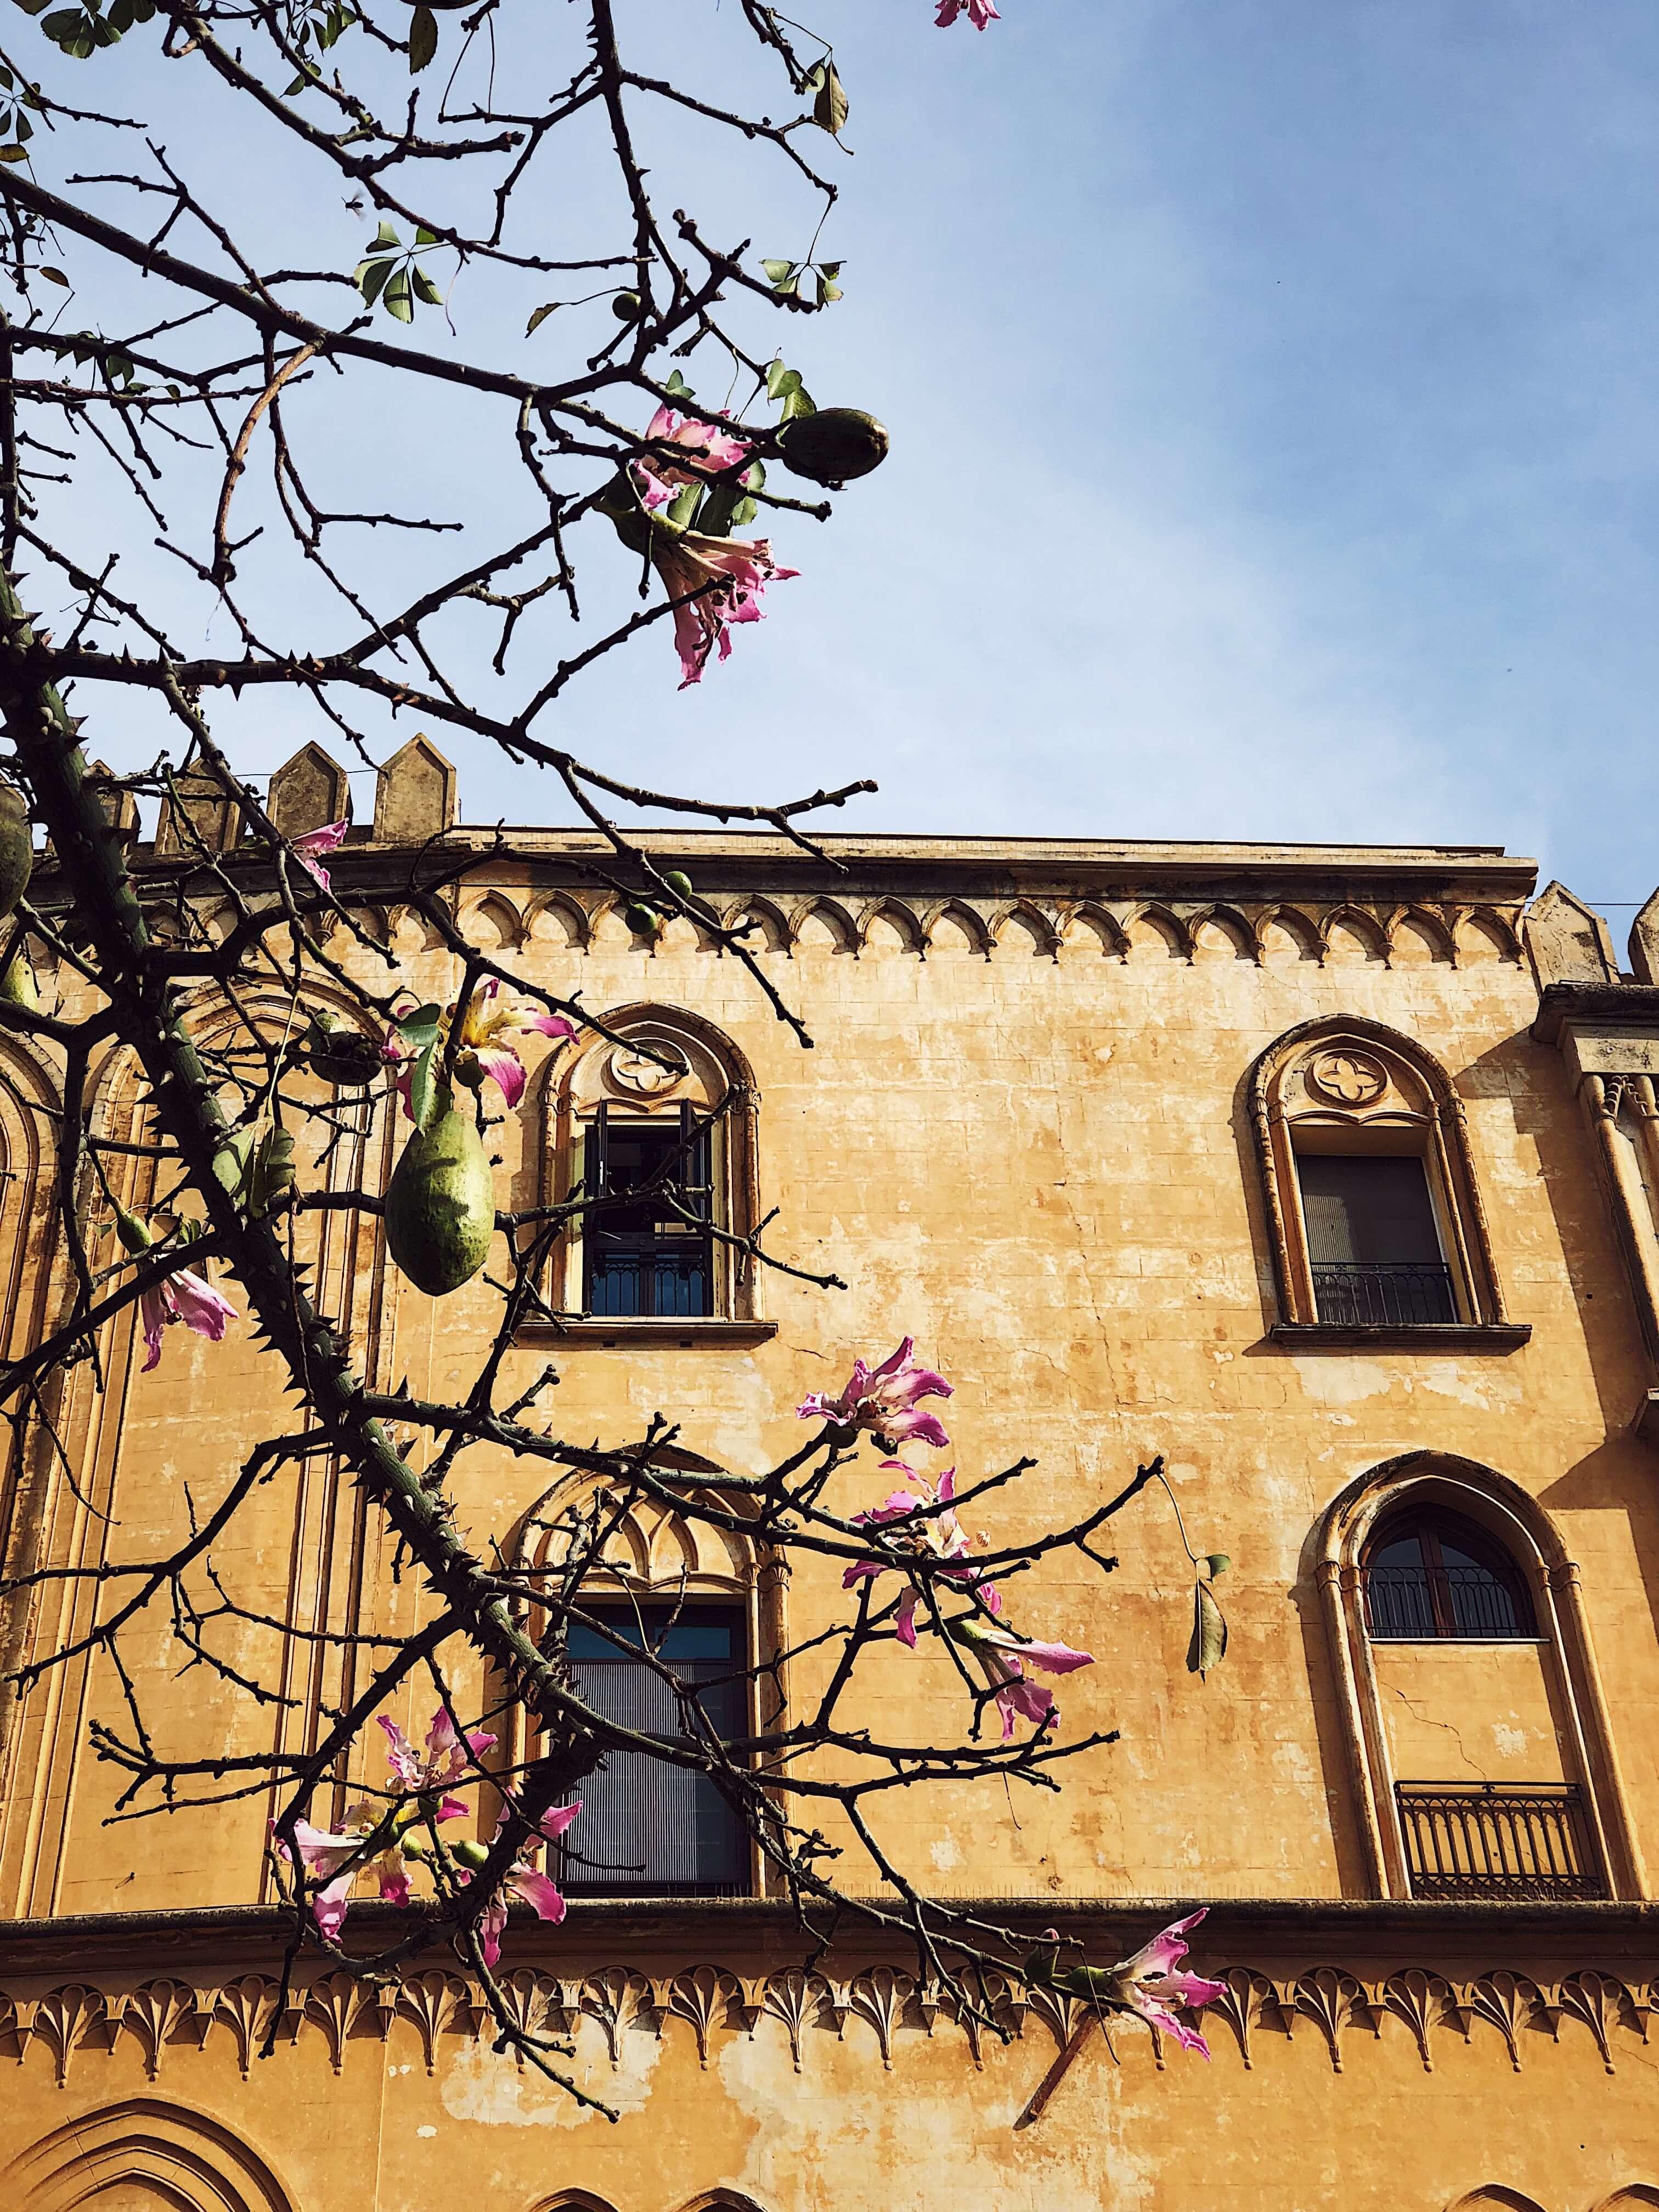 Palermo's palazzo Normanni